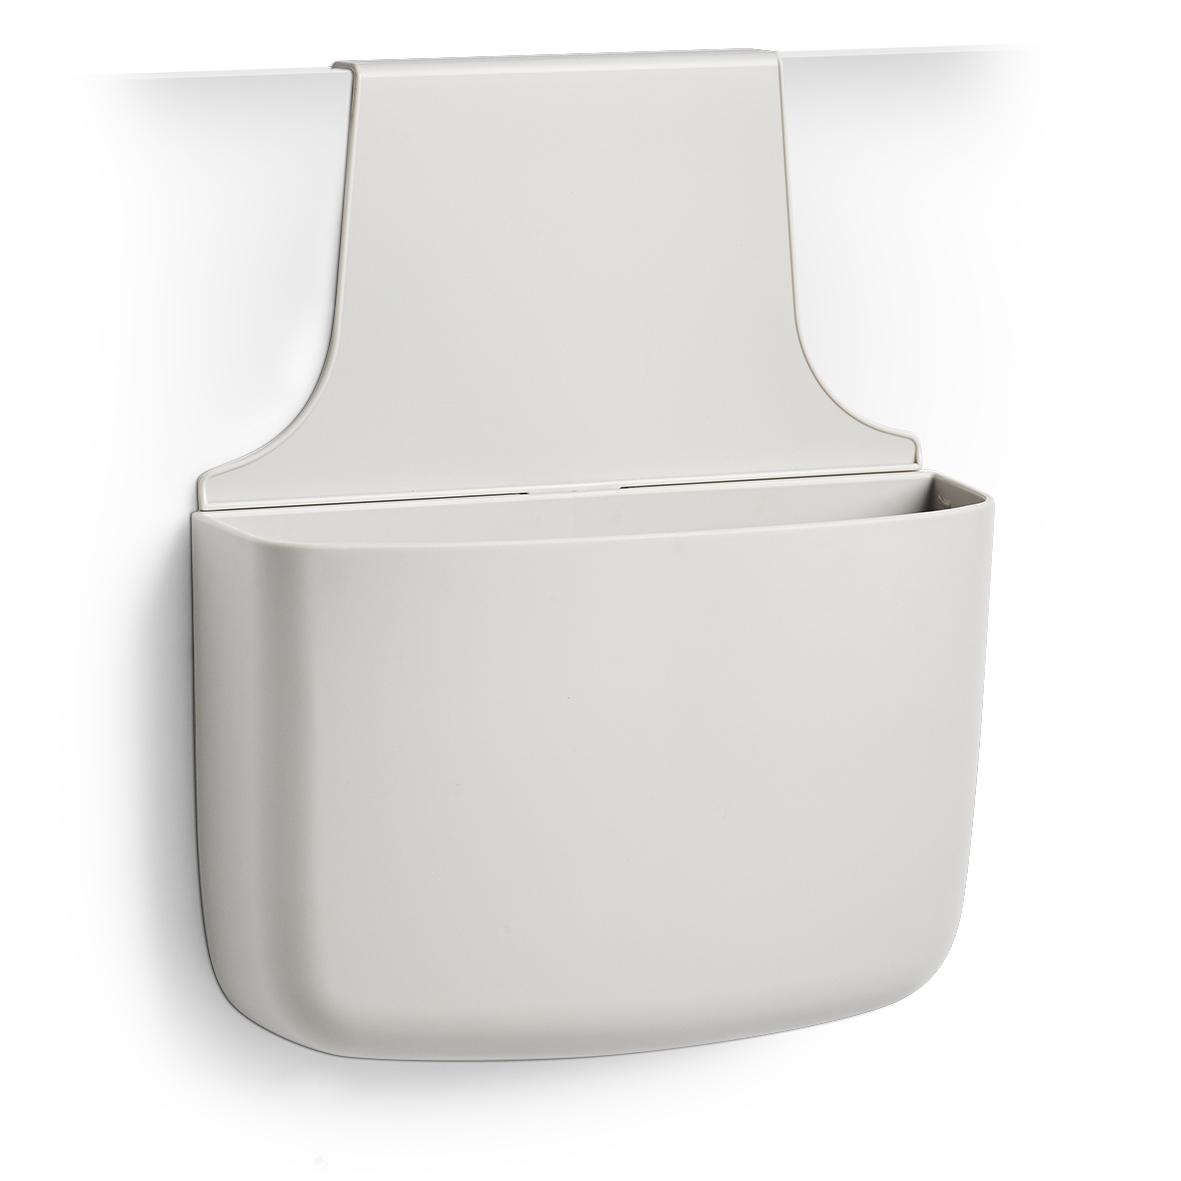 Organizator pentru usa din plastic, pentru produse de curatenie, Sink Gri, l28xA8,5xH34 cm imagine